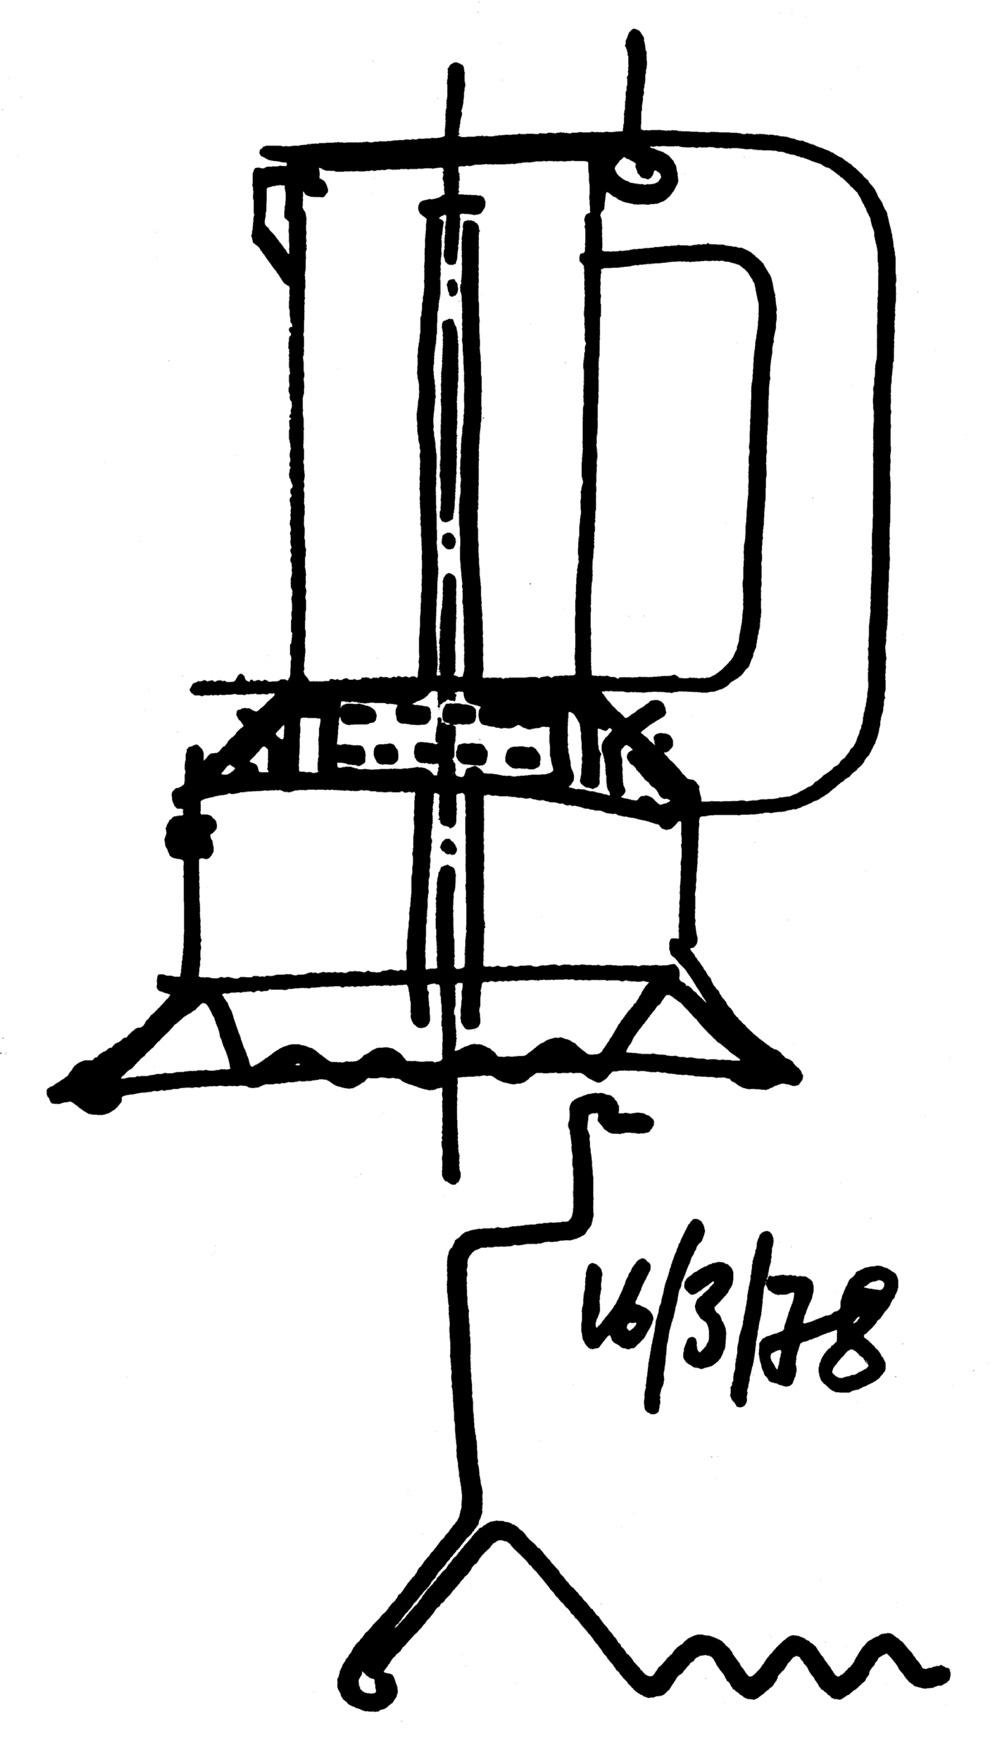 9090 espresso coffee maker sketch. Image via Die Neue Sammlung.